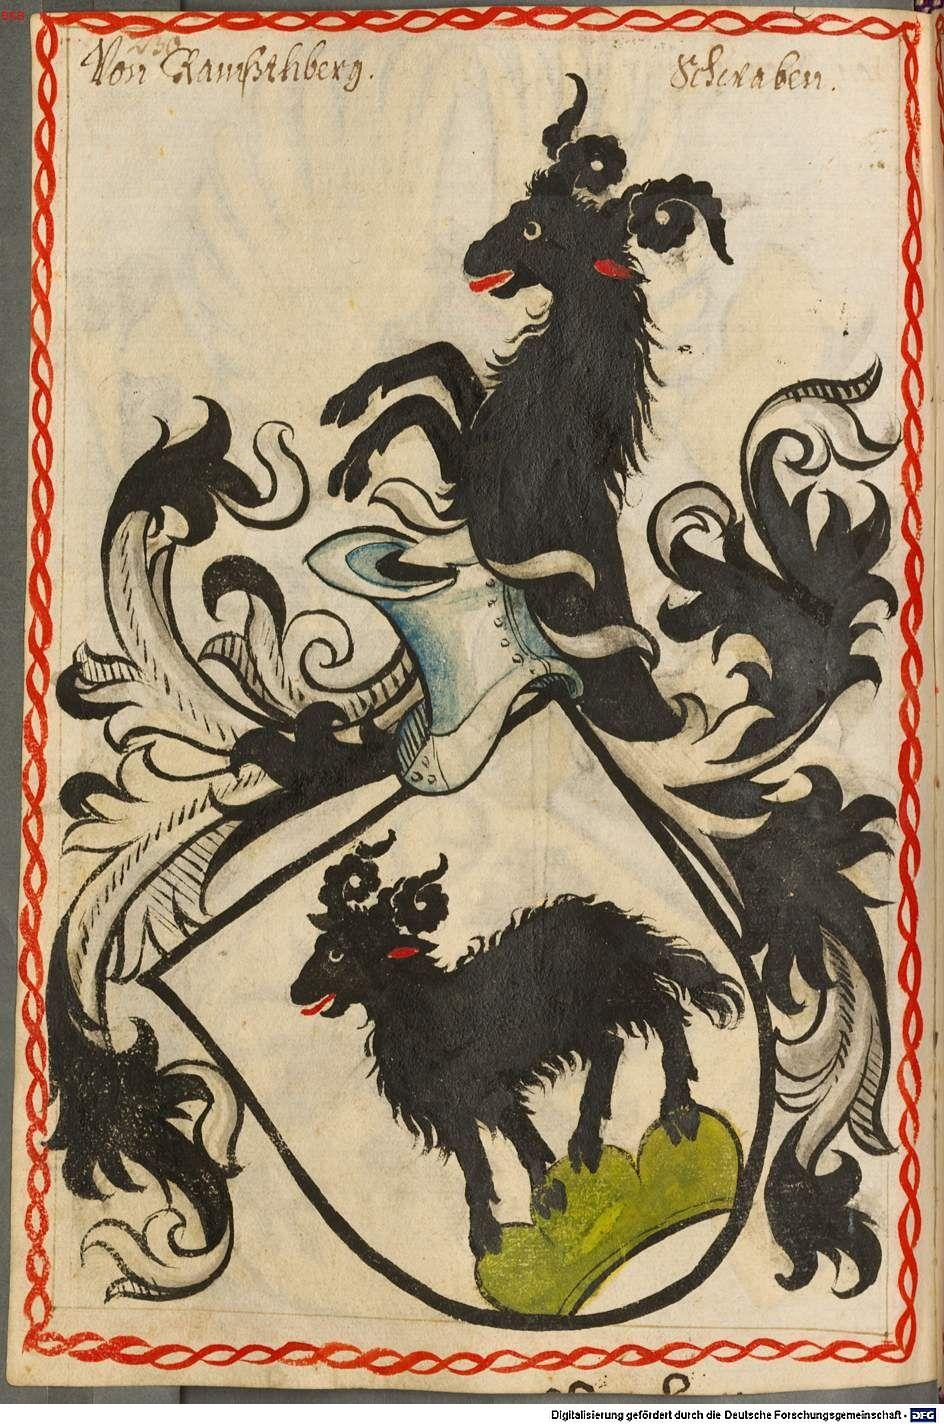 Scheibler'sches Wappenbuch Süddeutschland, um 1450 - 17. Jh. Cod.icon. 312 c  Folio 230